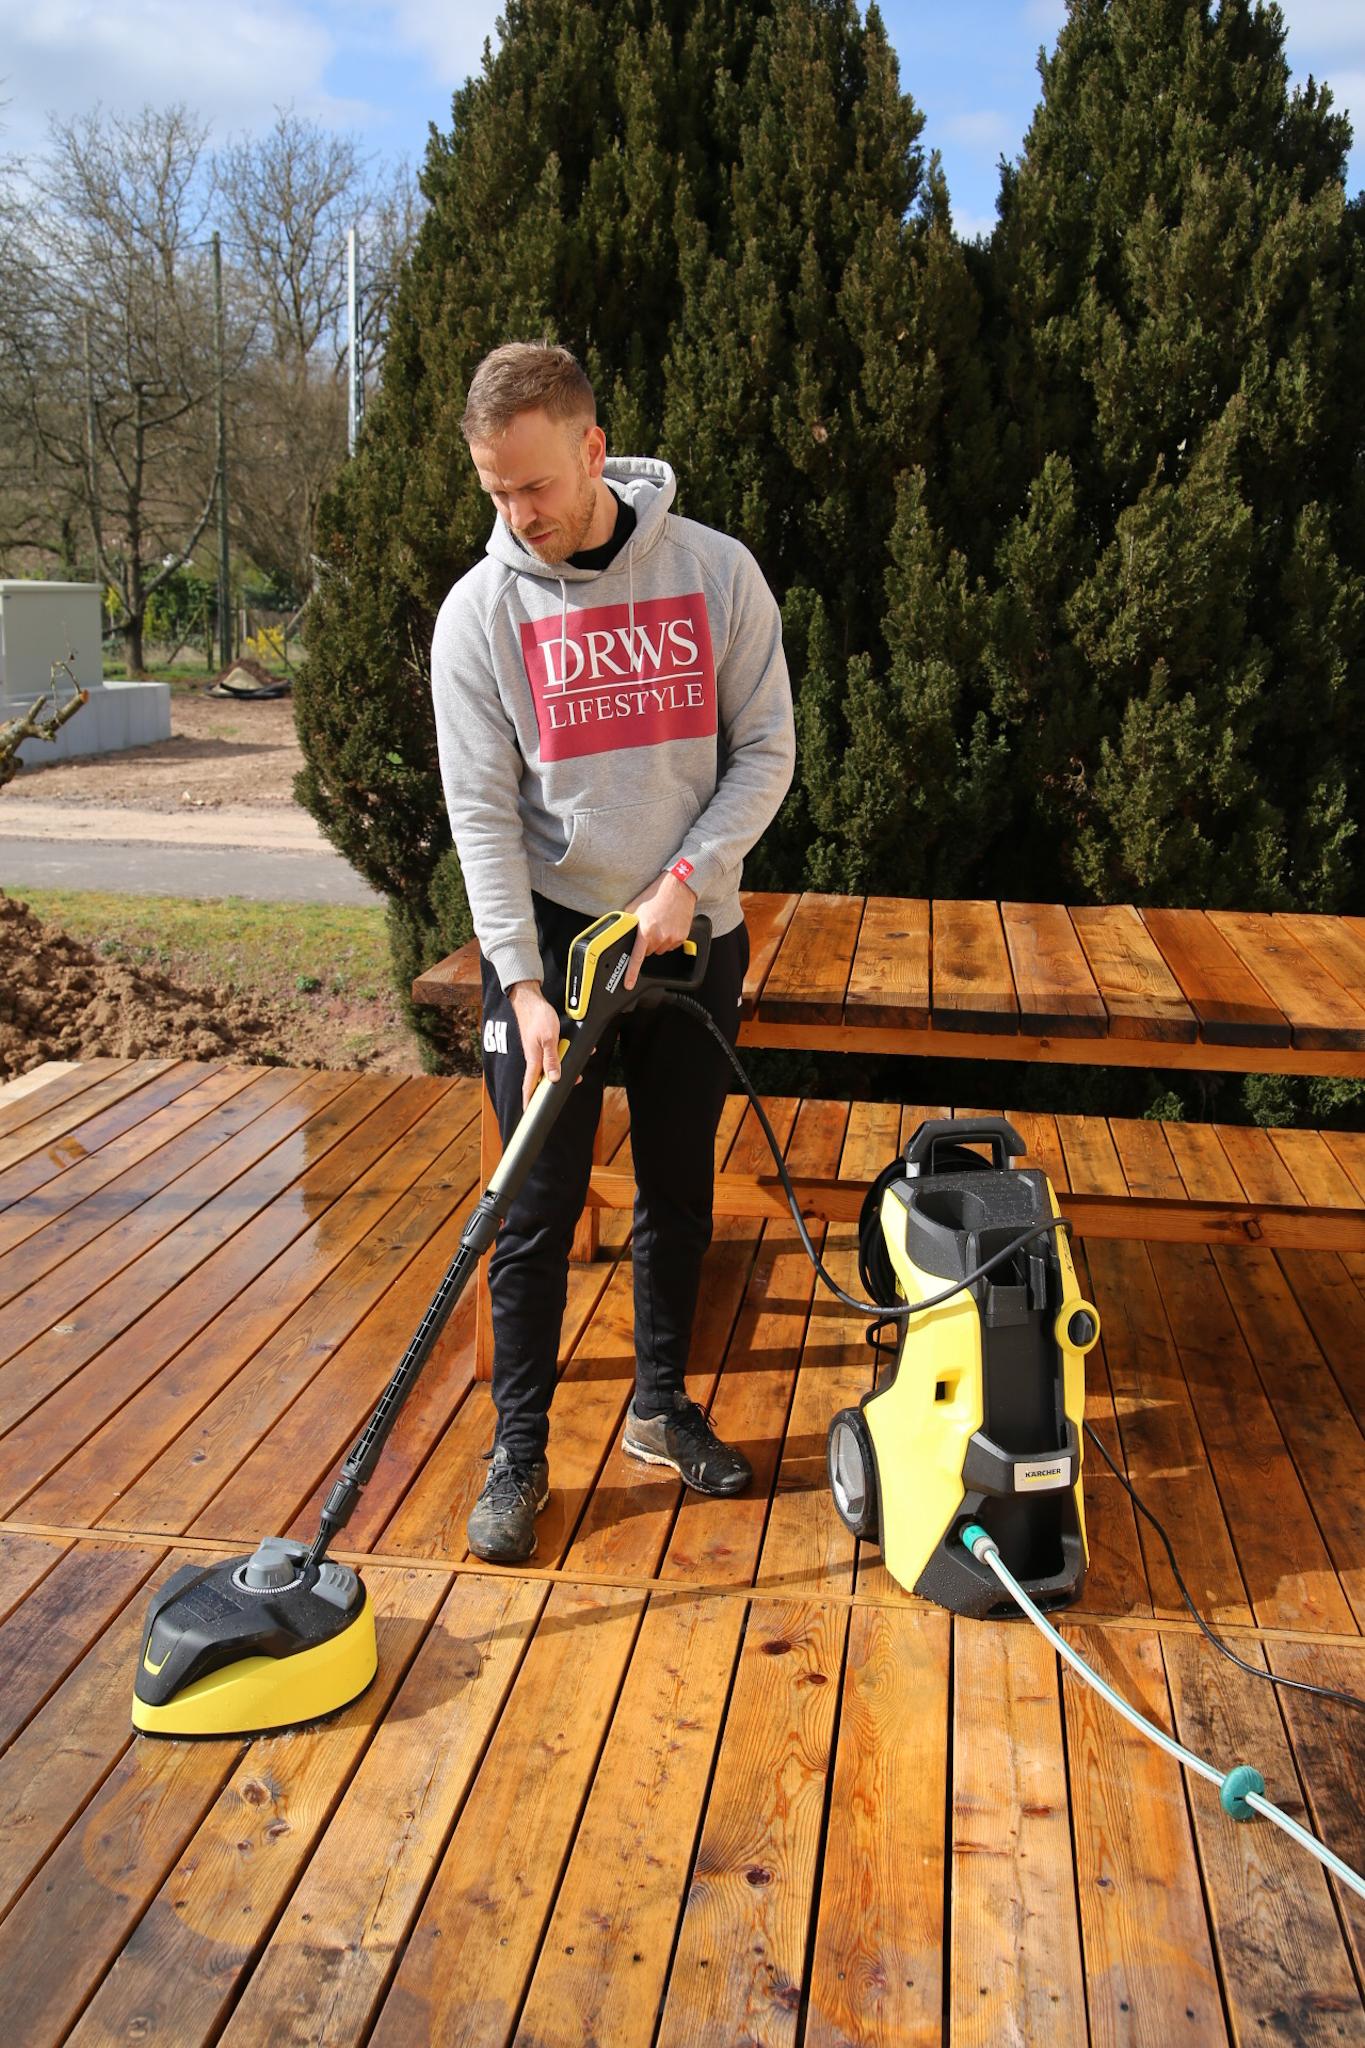 Terrassenreinigung mit dem neuen Kärcher K7 Premium Smart Control Home Terrasse Hochterrasse Holzterrasse sibirische Lärche reinigen selber bauen diy garten